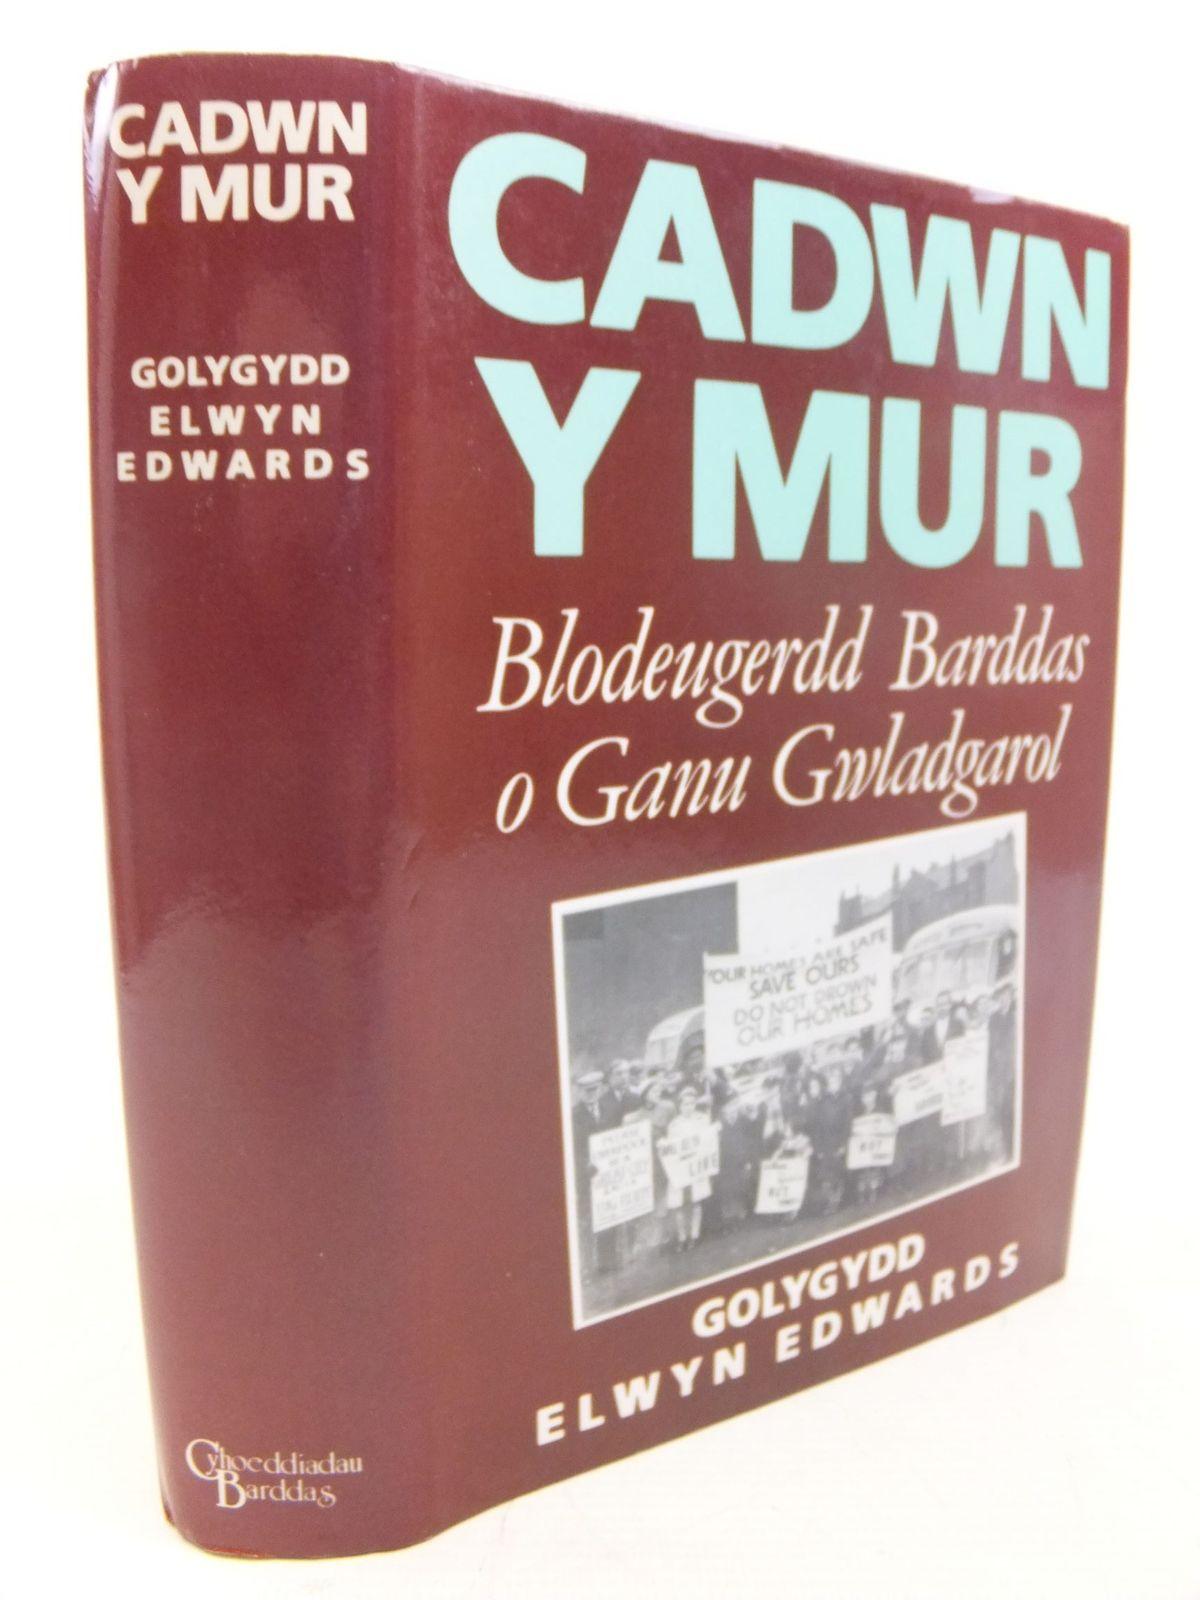 Photo of CADWN Y MUR BLODEUGERDD BARDDAS O GANU GWLADGAROL written by Edwards, Elwyn published by Cyhoeddiadau Barddas (STOCK CODE: 1712730)  for sale by Stella & Rose's Books